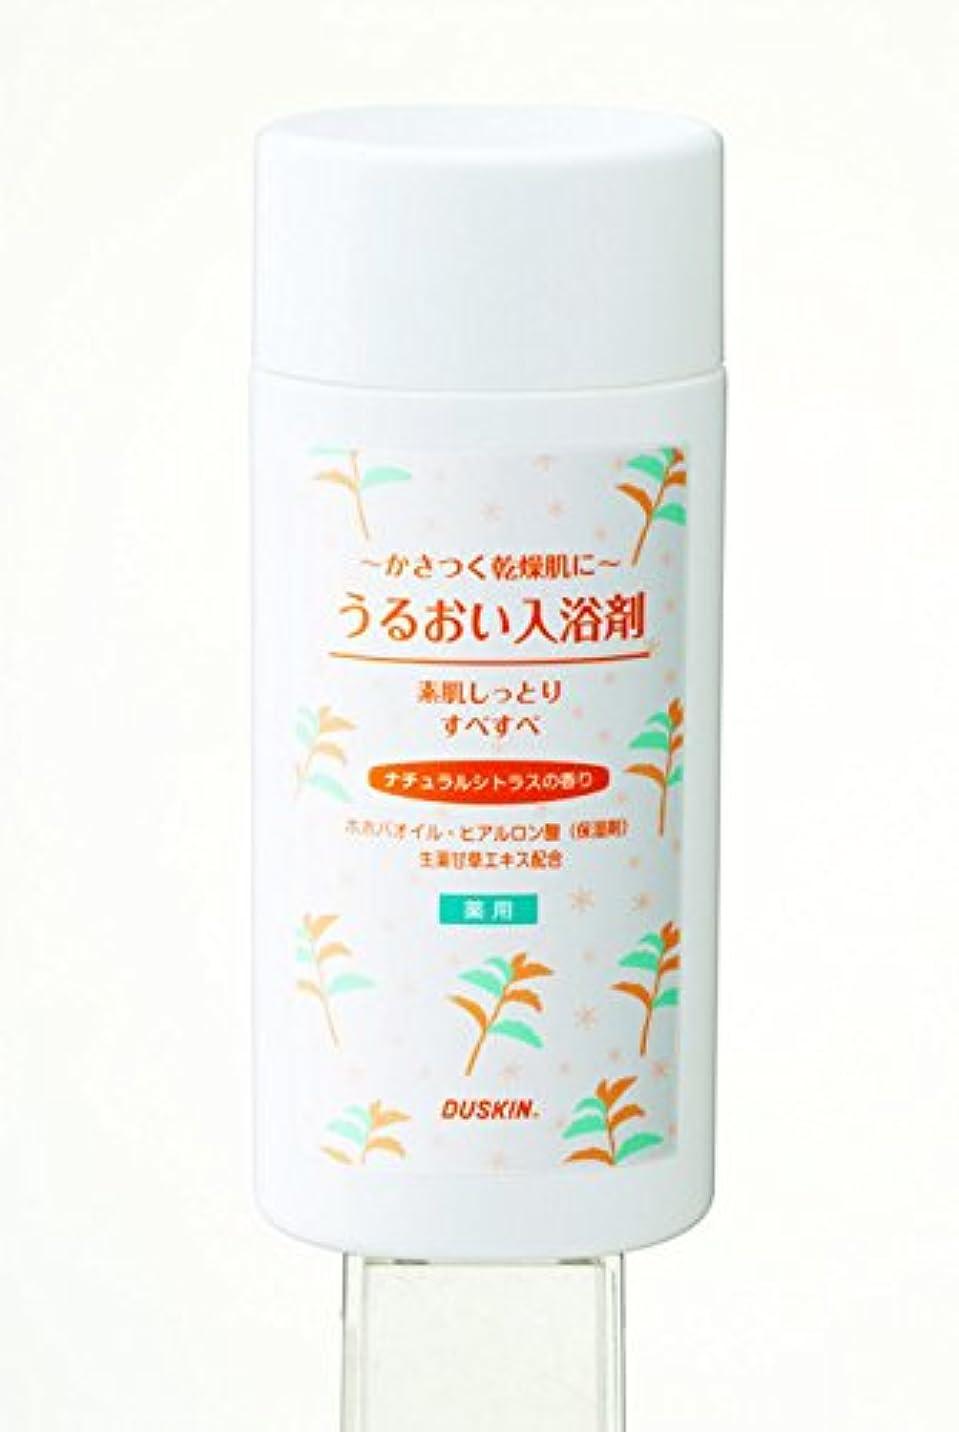 浸食結婚式活気づけるダスキン うるおい入浴剤 ナチュラルシトラスの香り 濁り湯タイプ300g